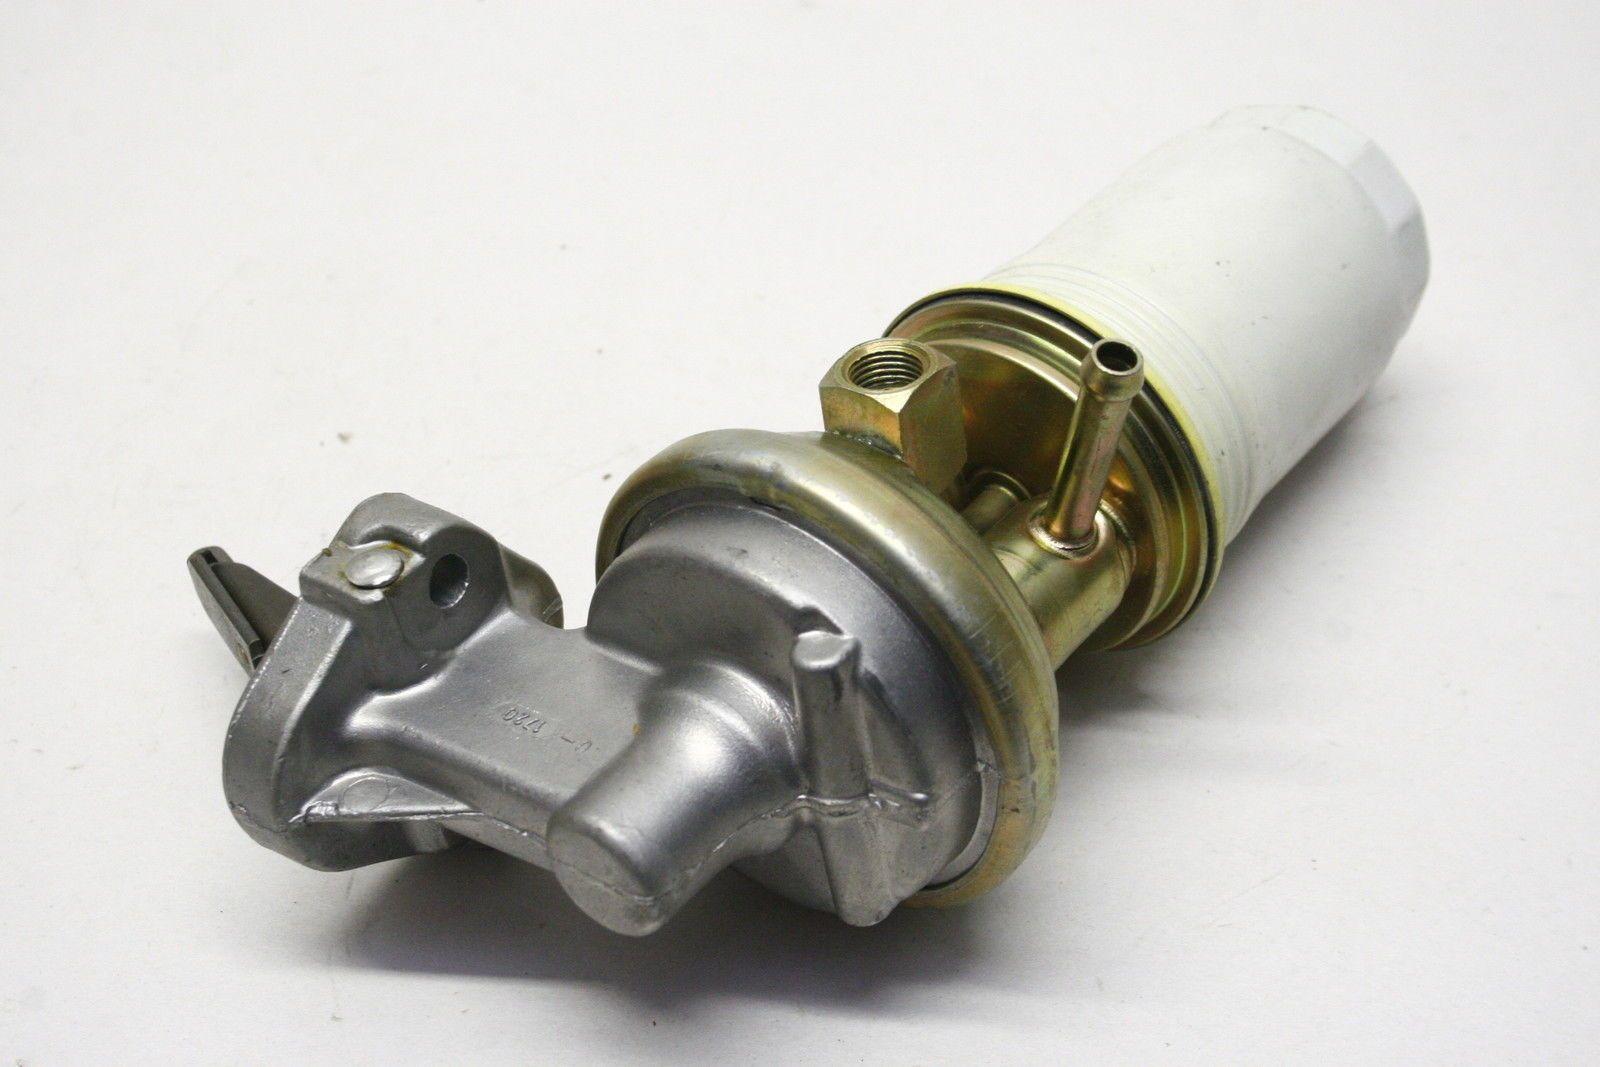 1963 ford galaxie parts ebay - Carter Fuel Pump 1963 1964 1965 1966 1967 Ford Mercury 6 Cylinder 4004s Ebay